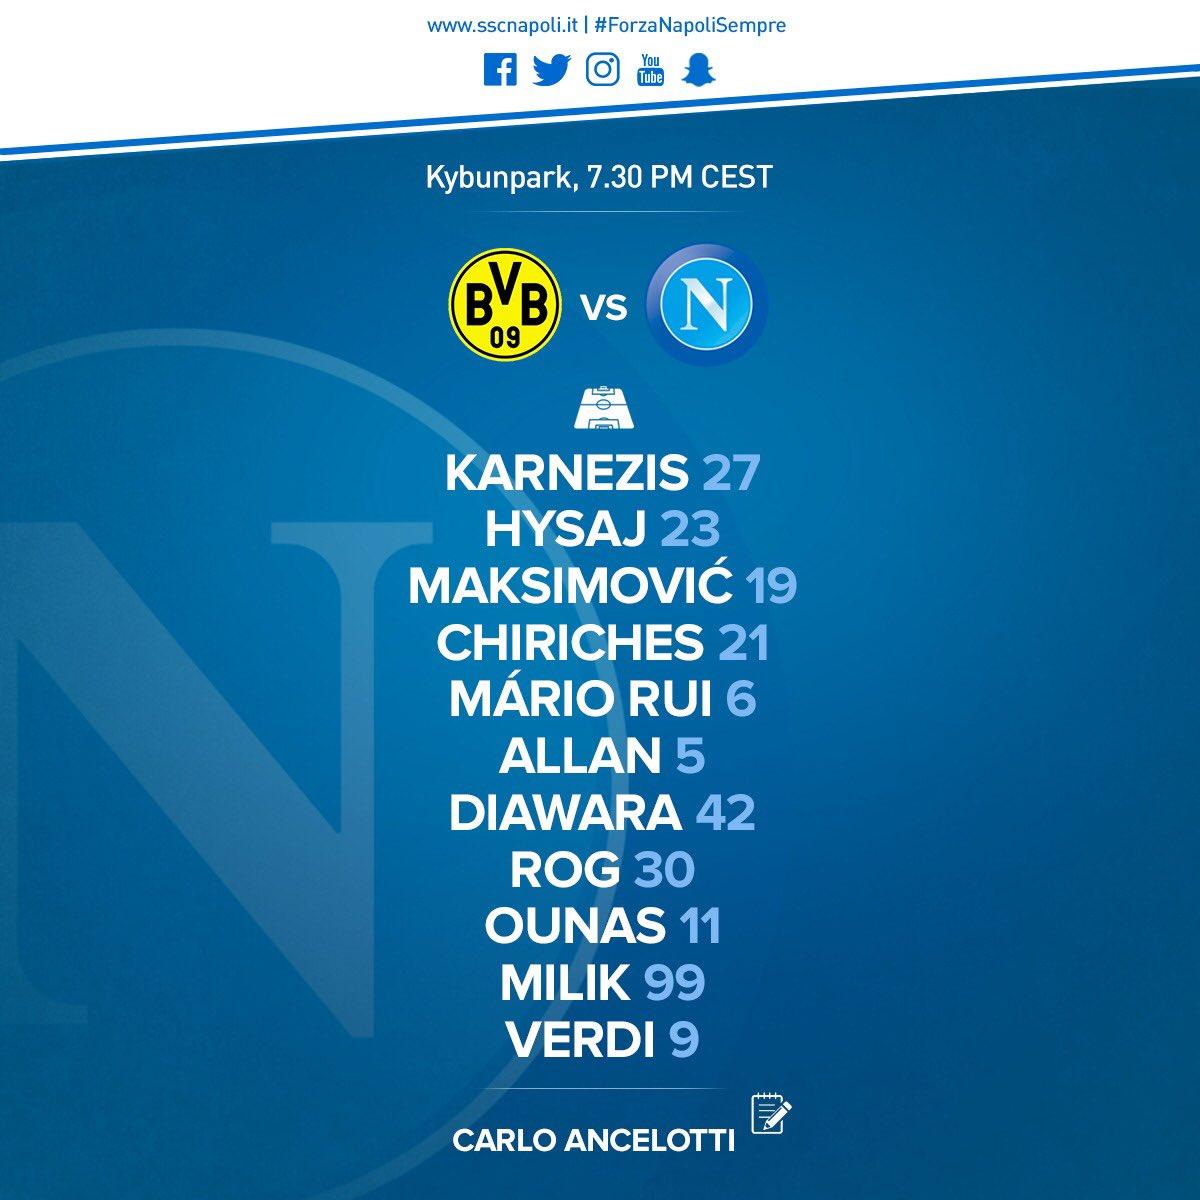 Borussia Dortmund-Napoli, la formazione ufficiale: Ancelotti a sorpresa, dentro Rog, Ounas e Verdi